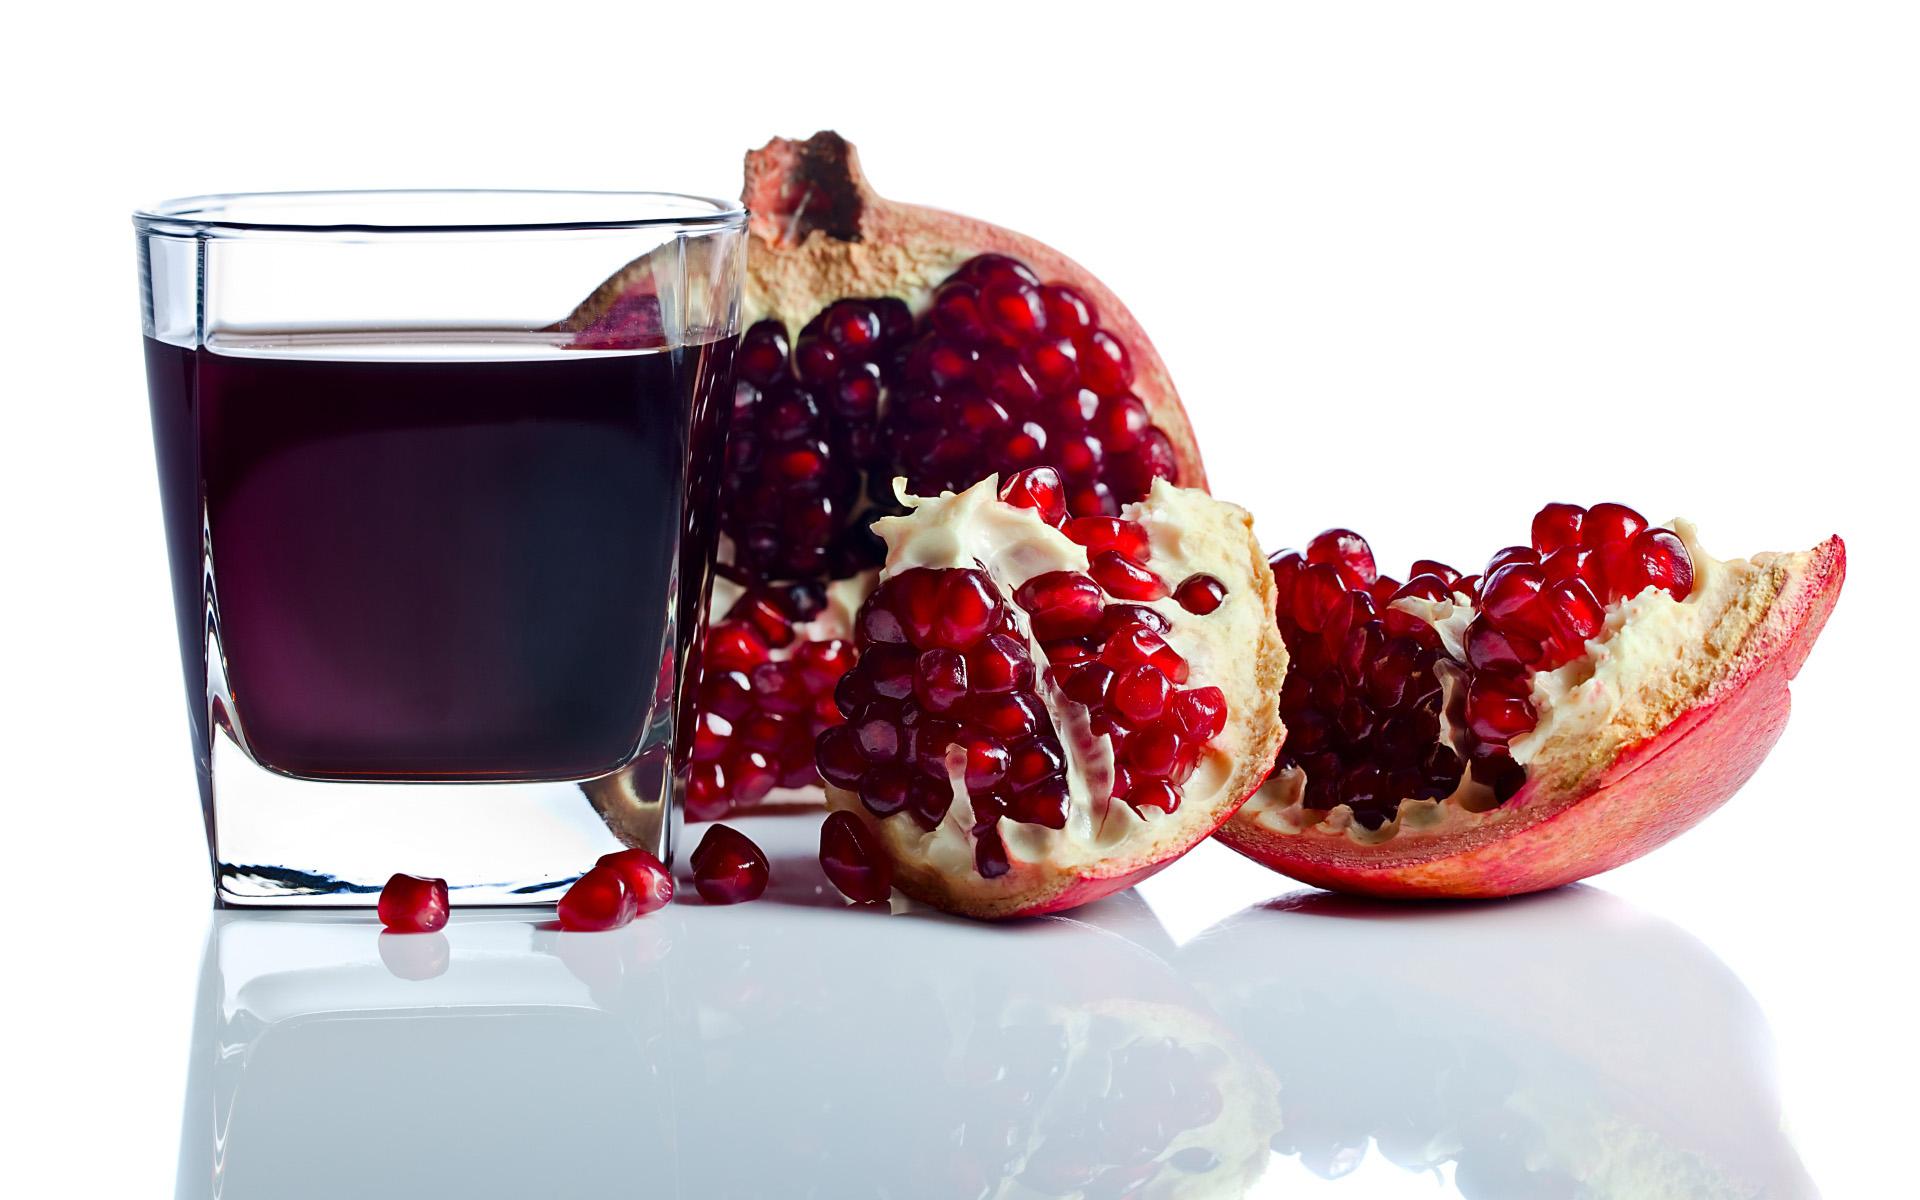 Гранатовый сок, фото еда обои, 1920 на 1200 пикселей